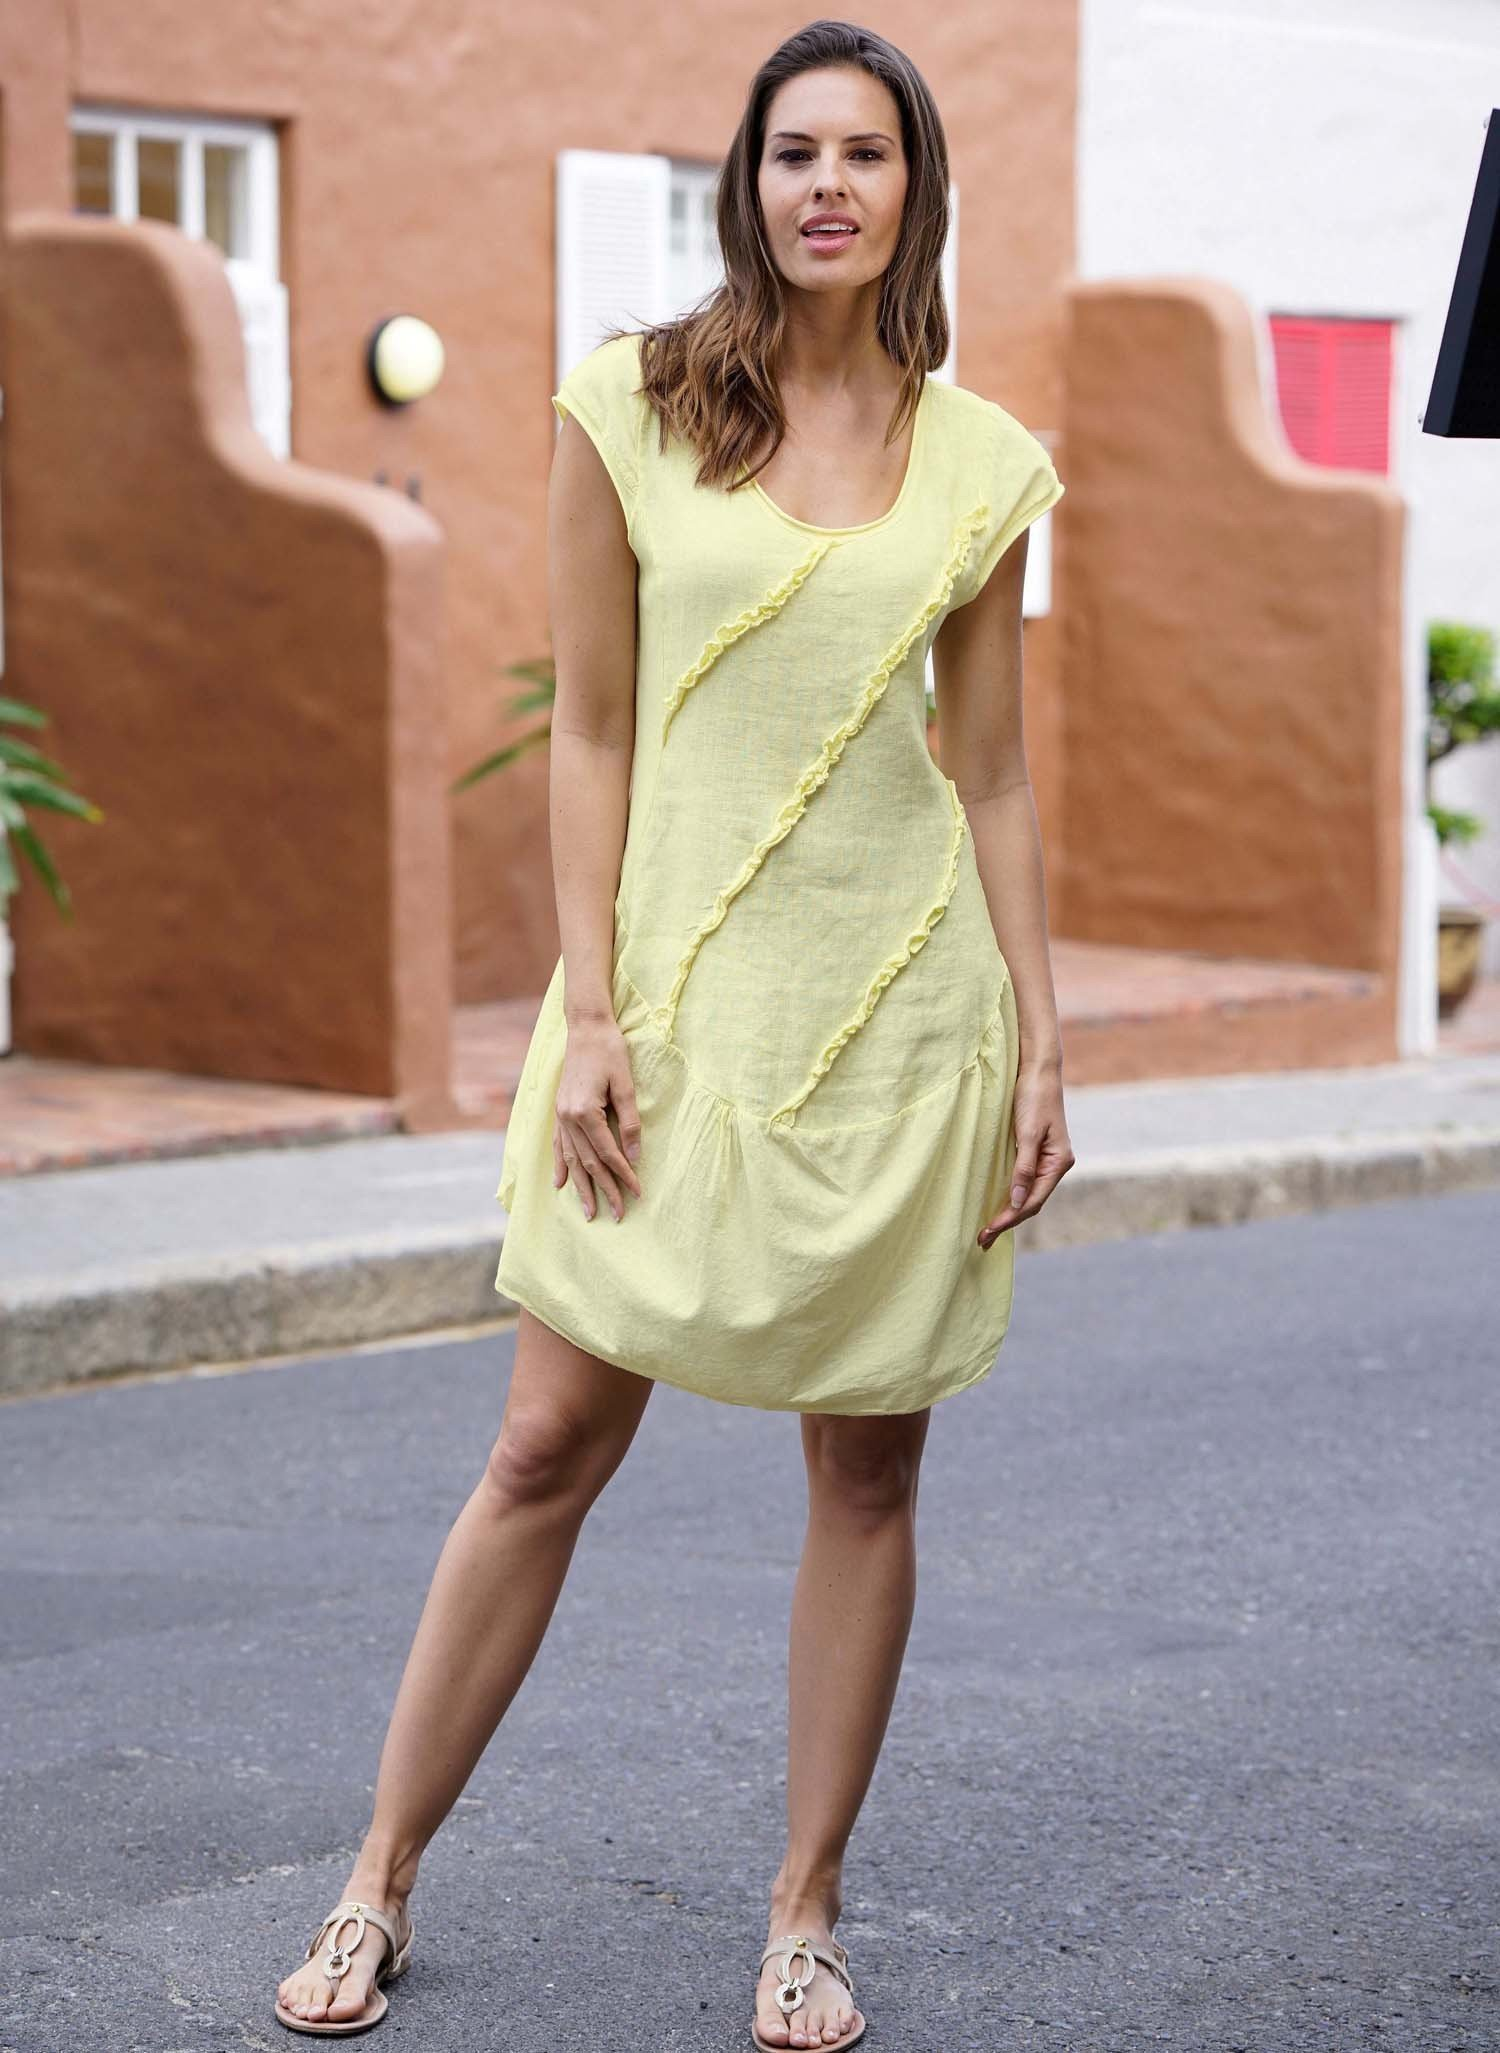 D-Leinen-Kleid,Rüschen gelb L 015 - 1 - Ronja.ch